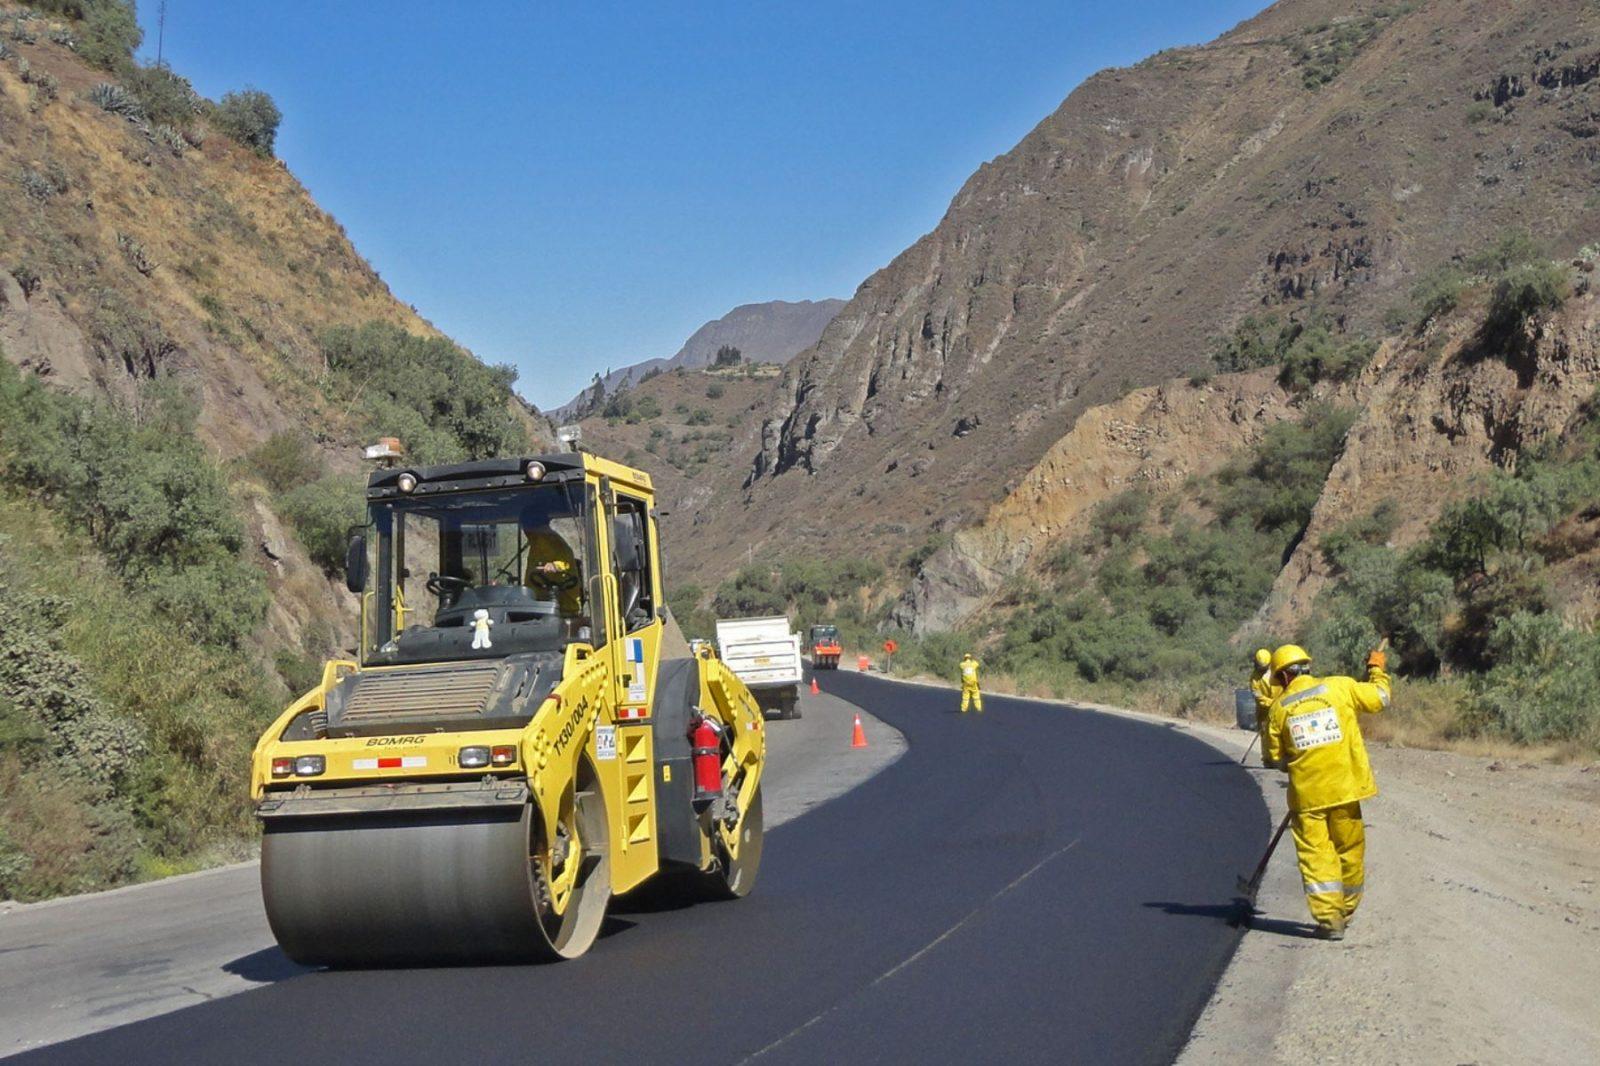 Transfieren más de S/ 89 millones al Ministerio de Vivienda para continuar proyectos de inversión pública